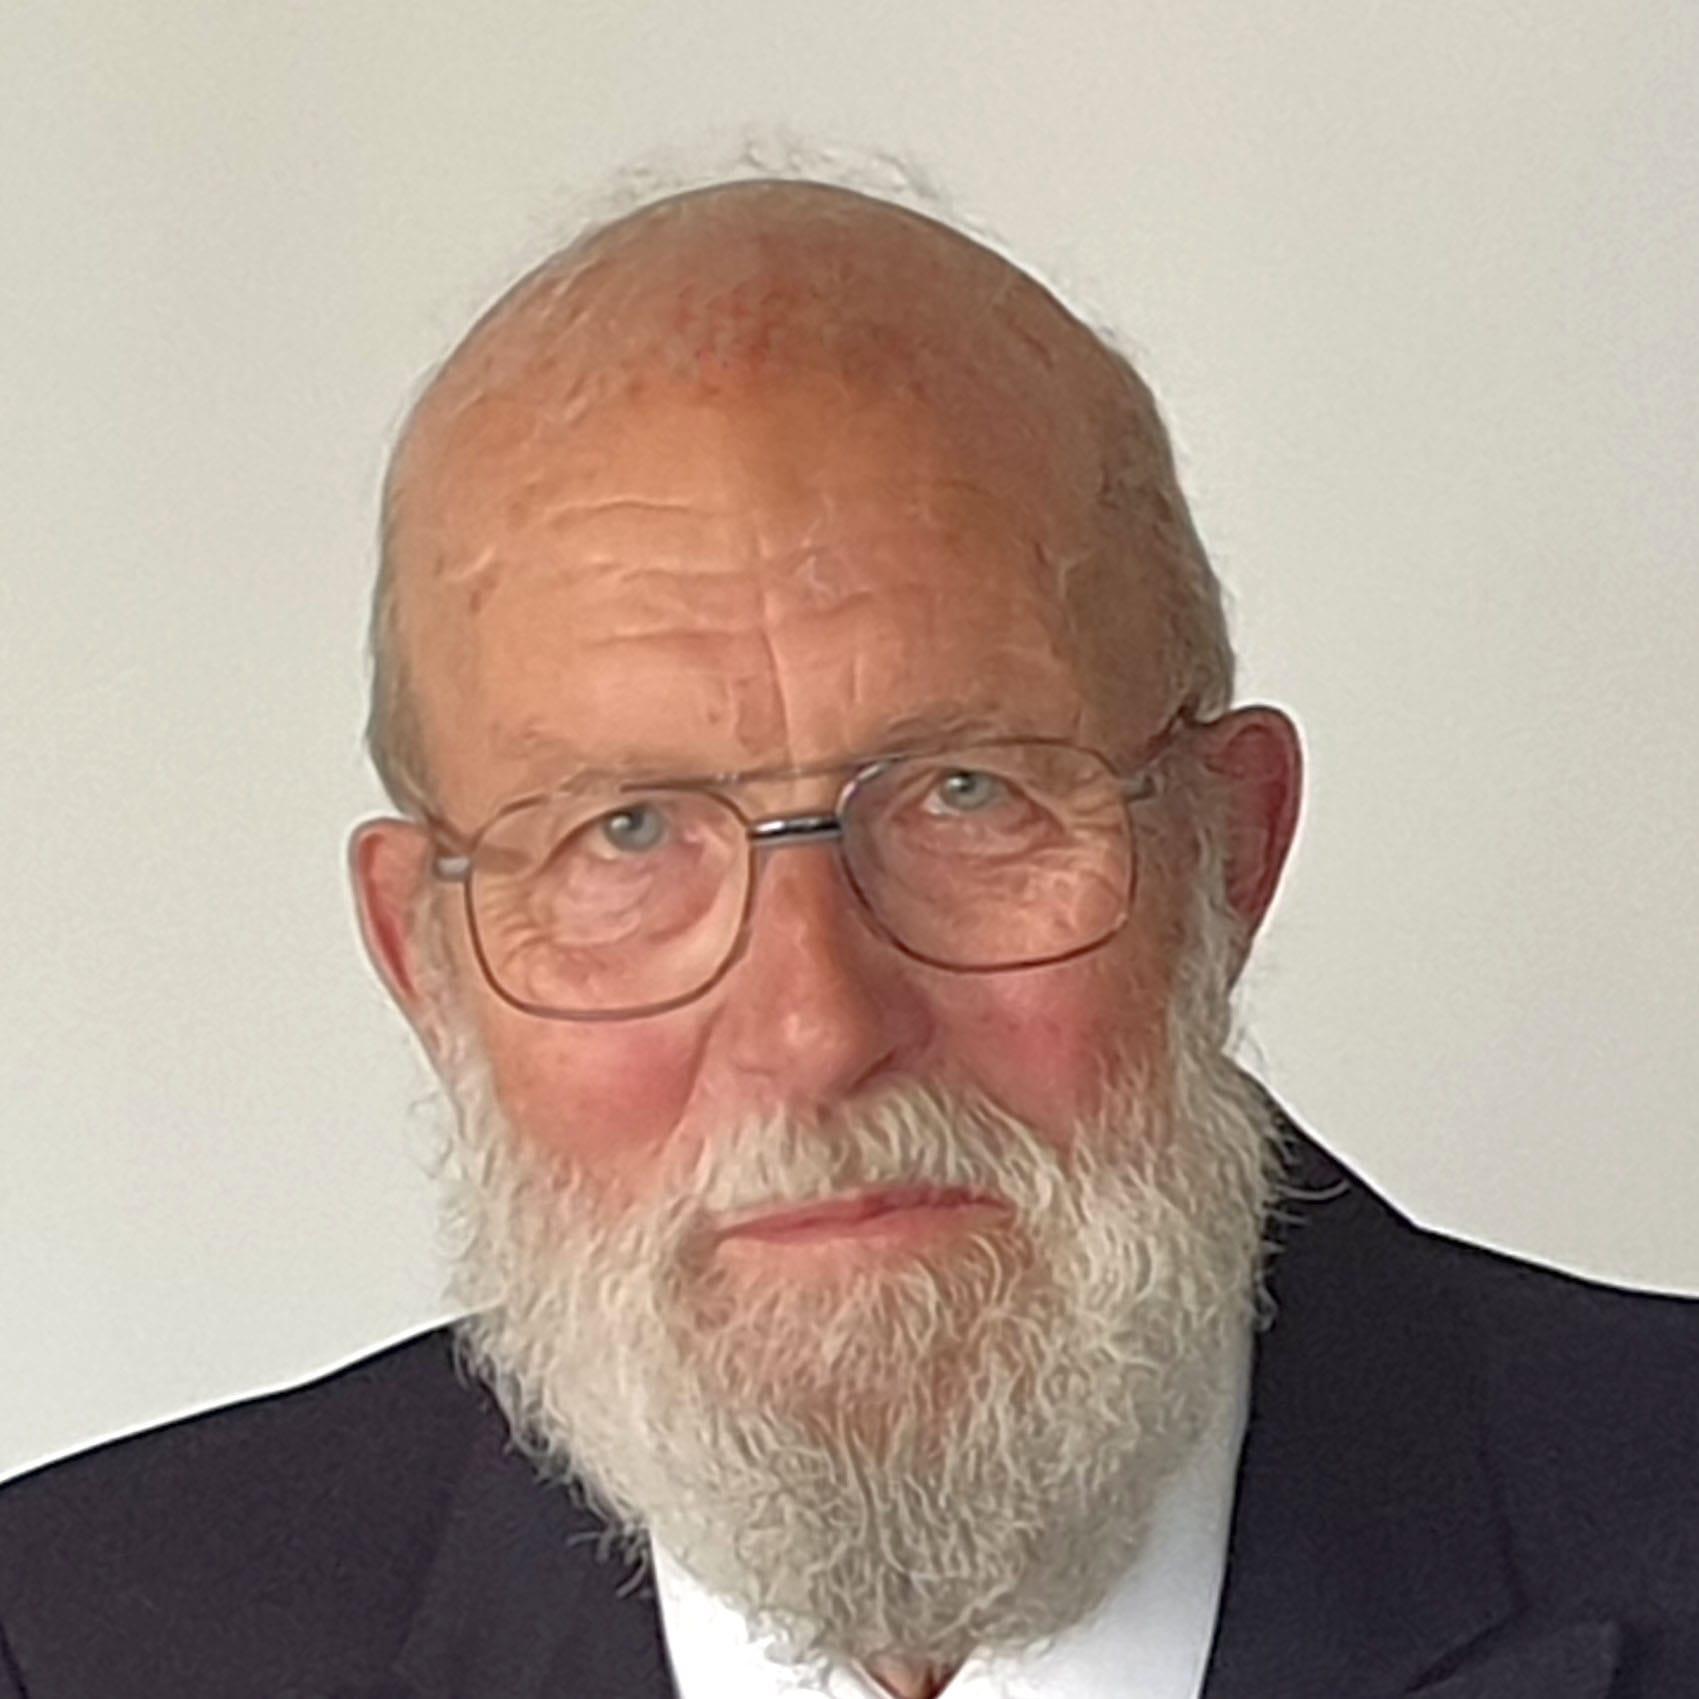 Brian Copsey